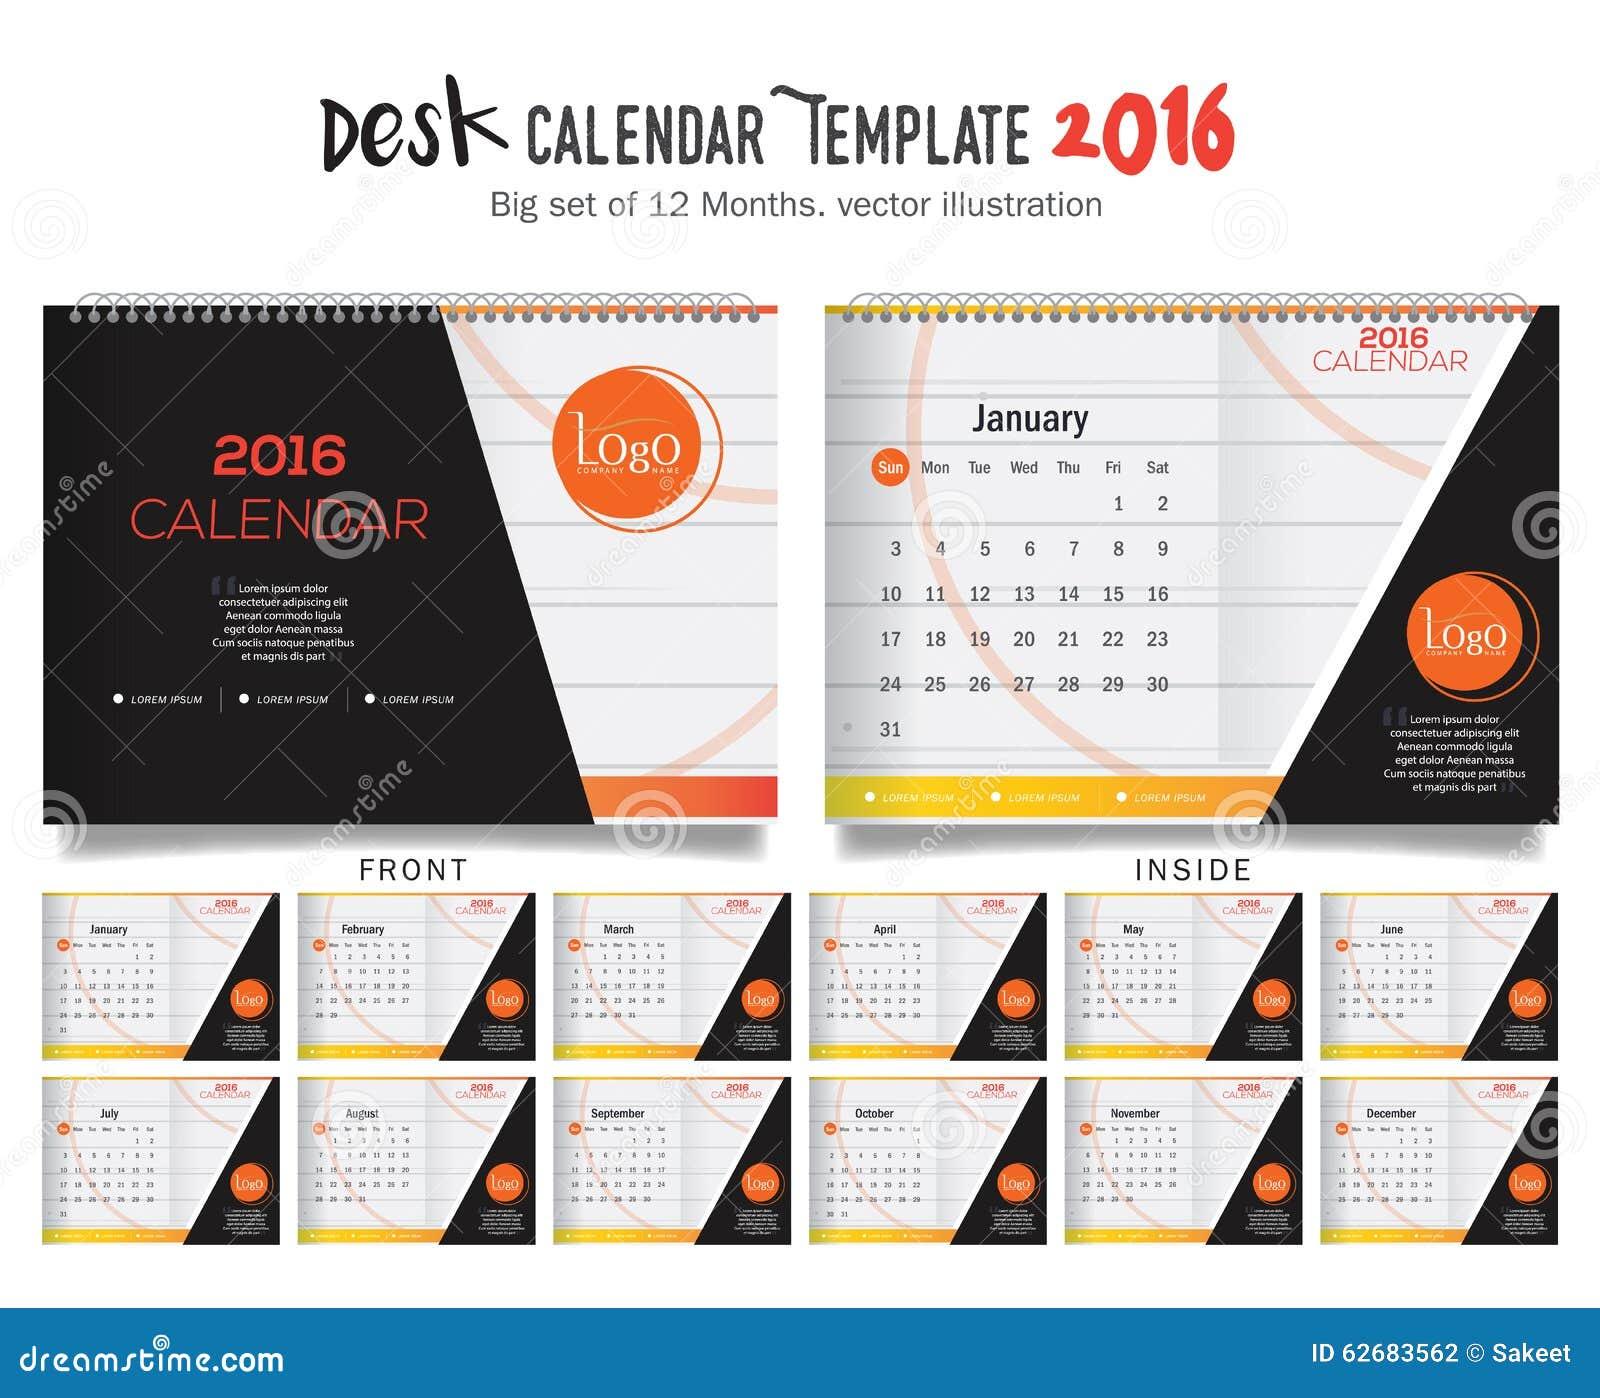 kamasutra-kalendar